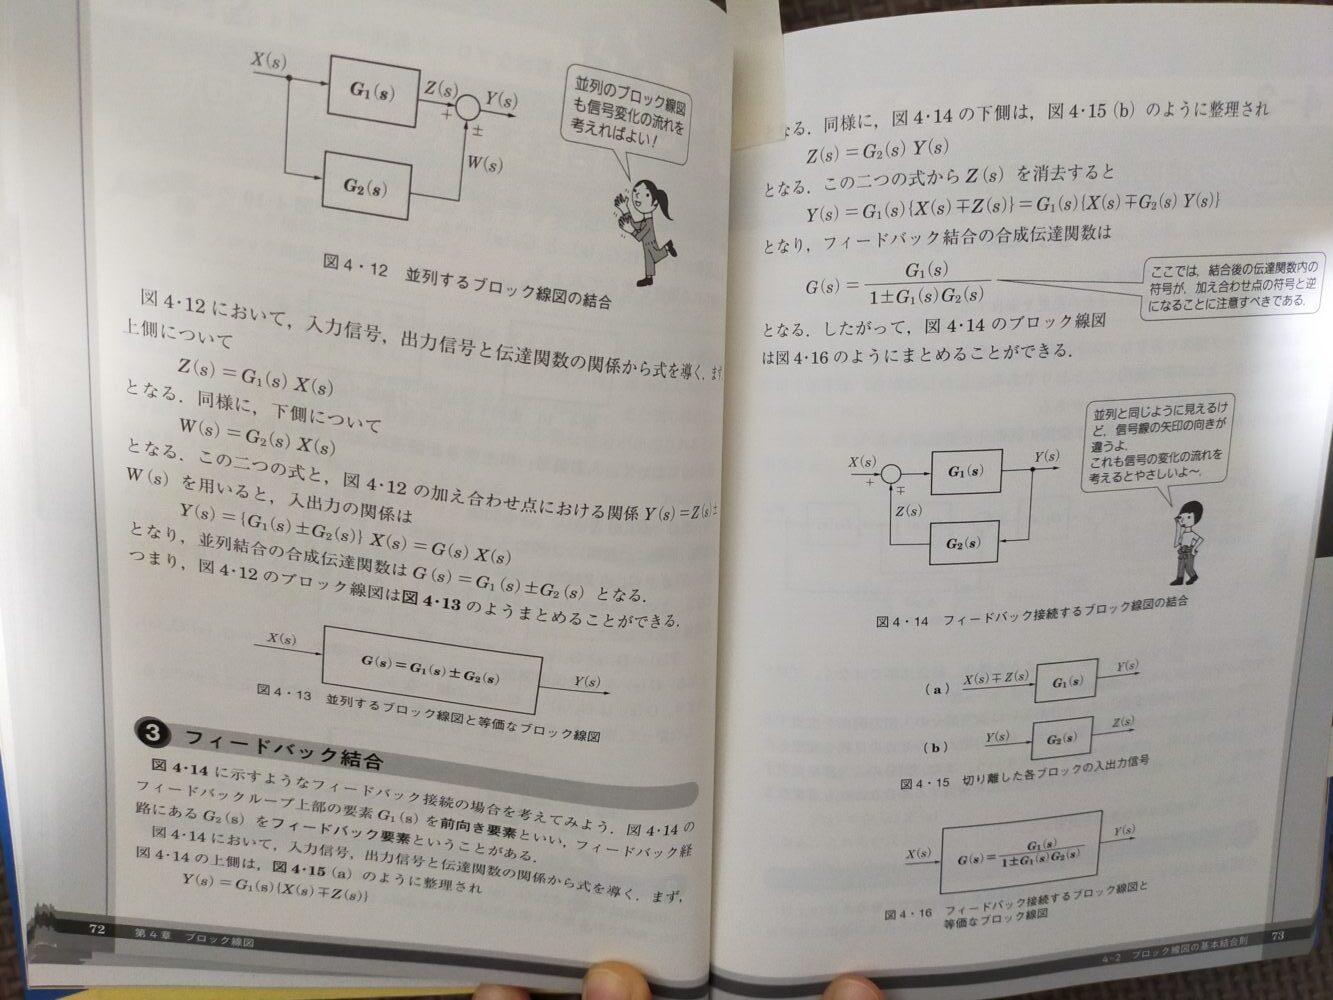 絵ときでわかる機械制御2